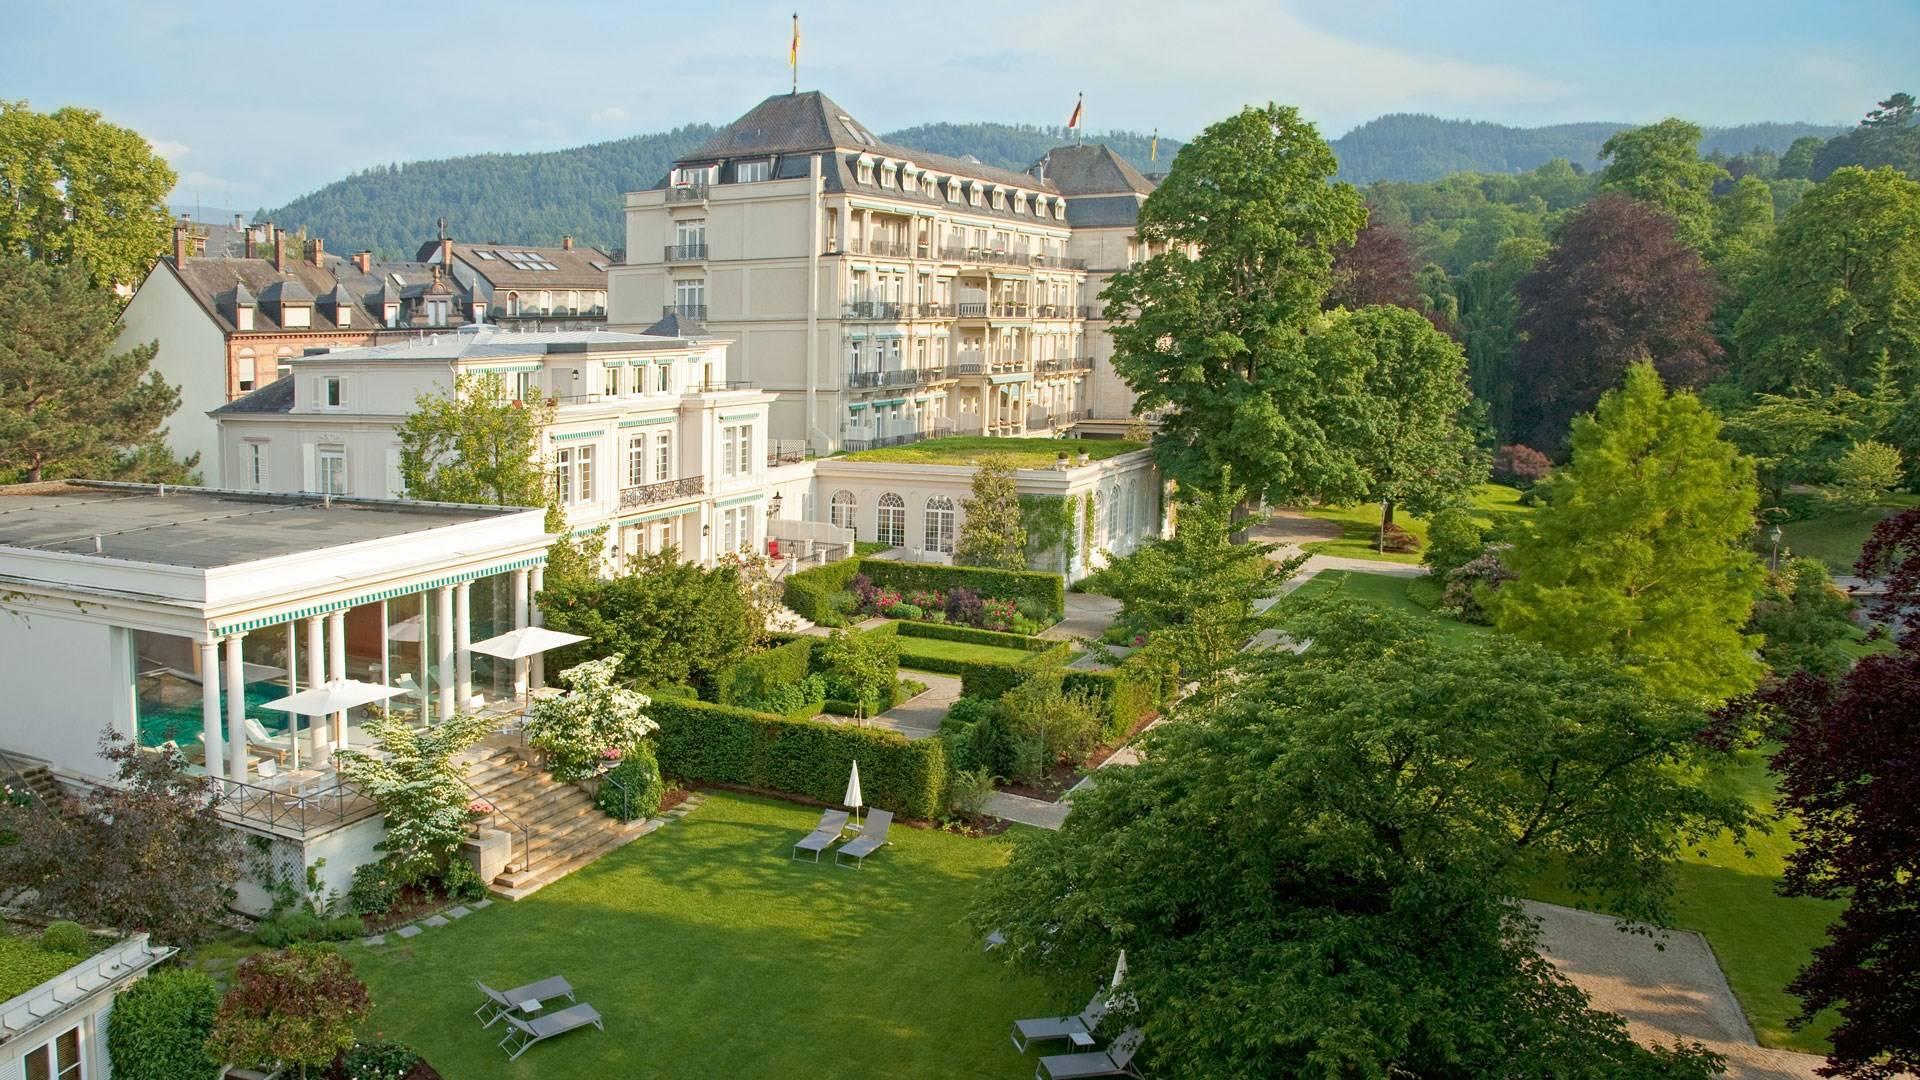 Оздоровительные туры в германию  на курорт  баден-баден. цены от 890 евро.